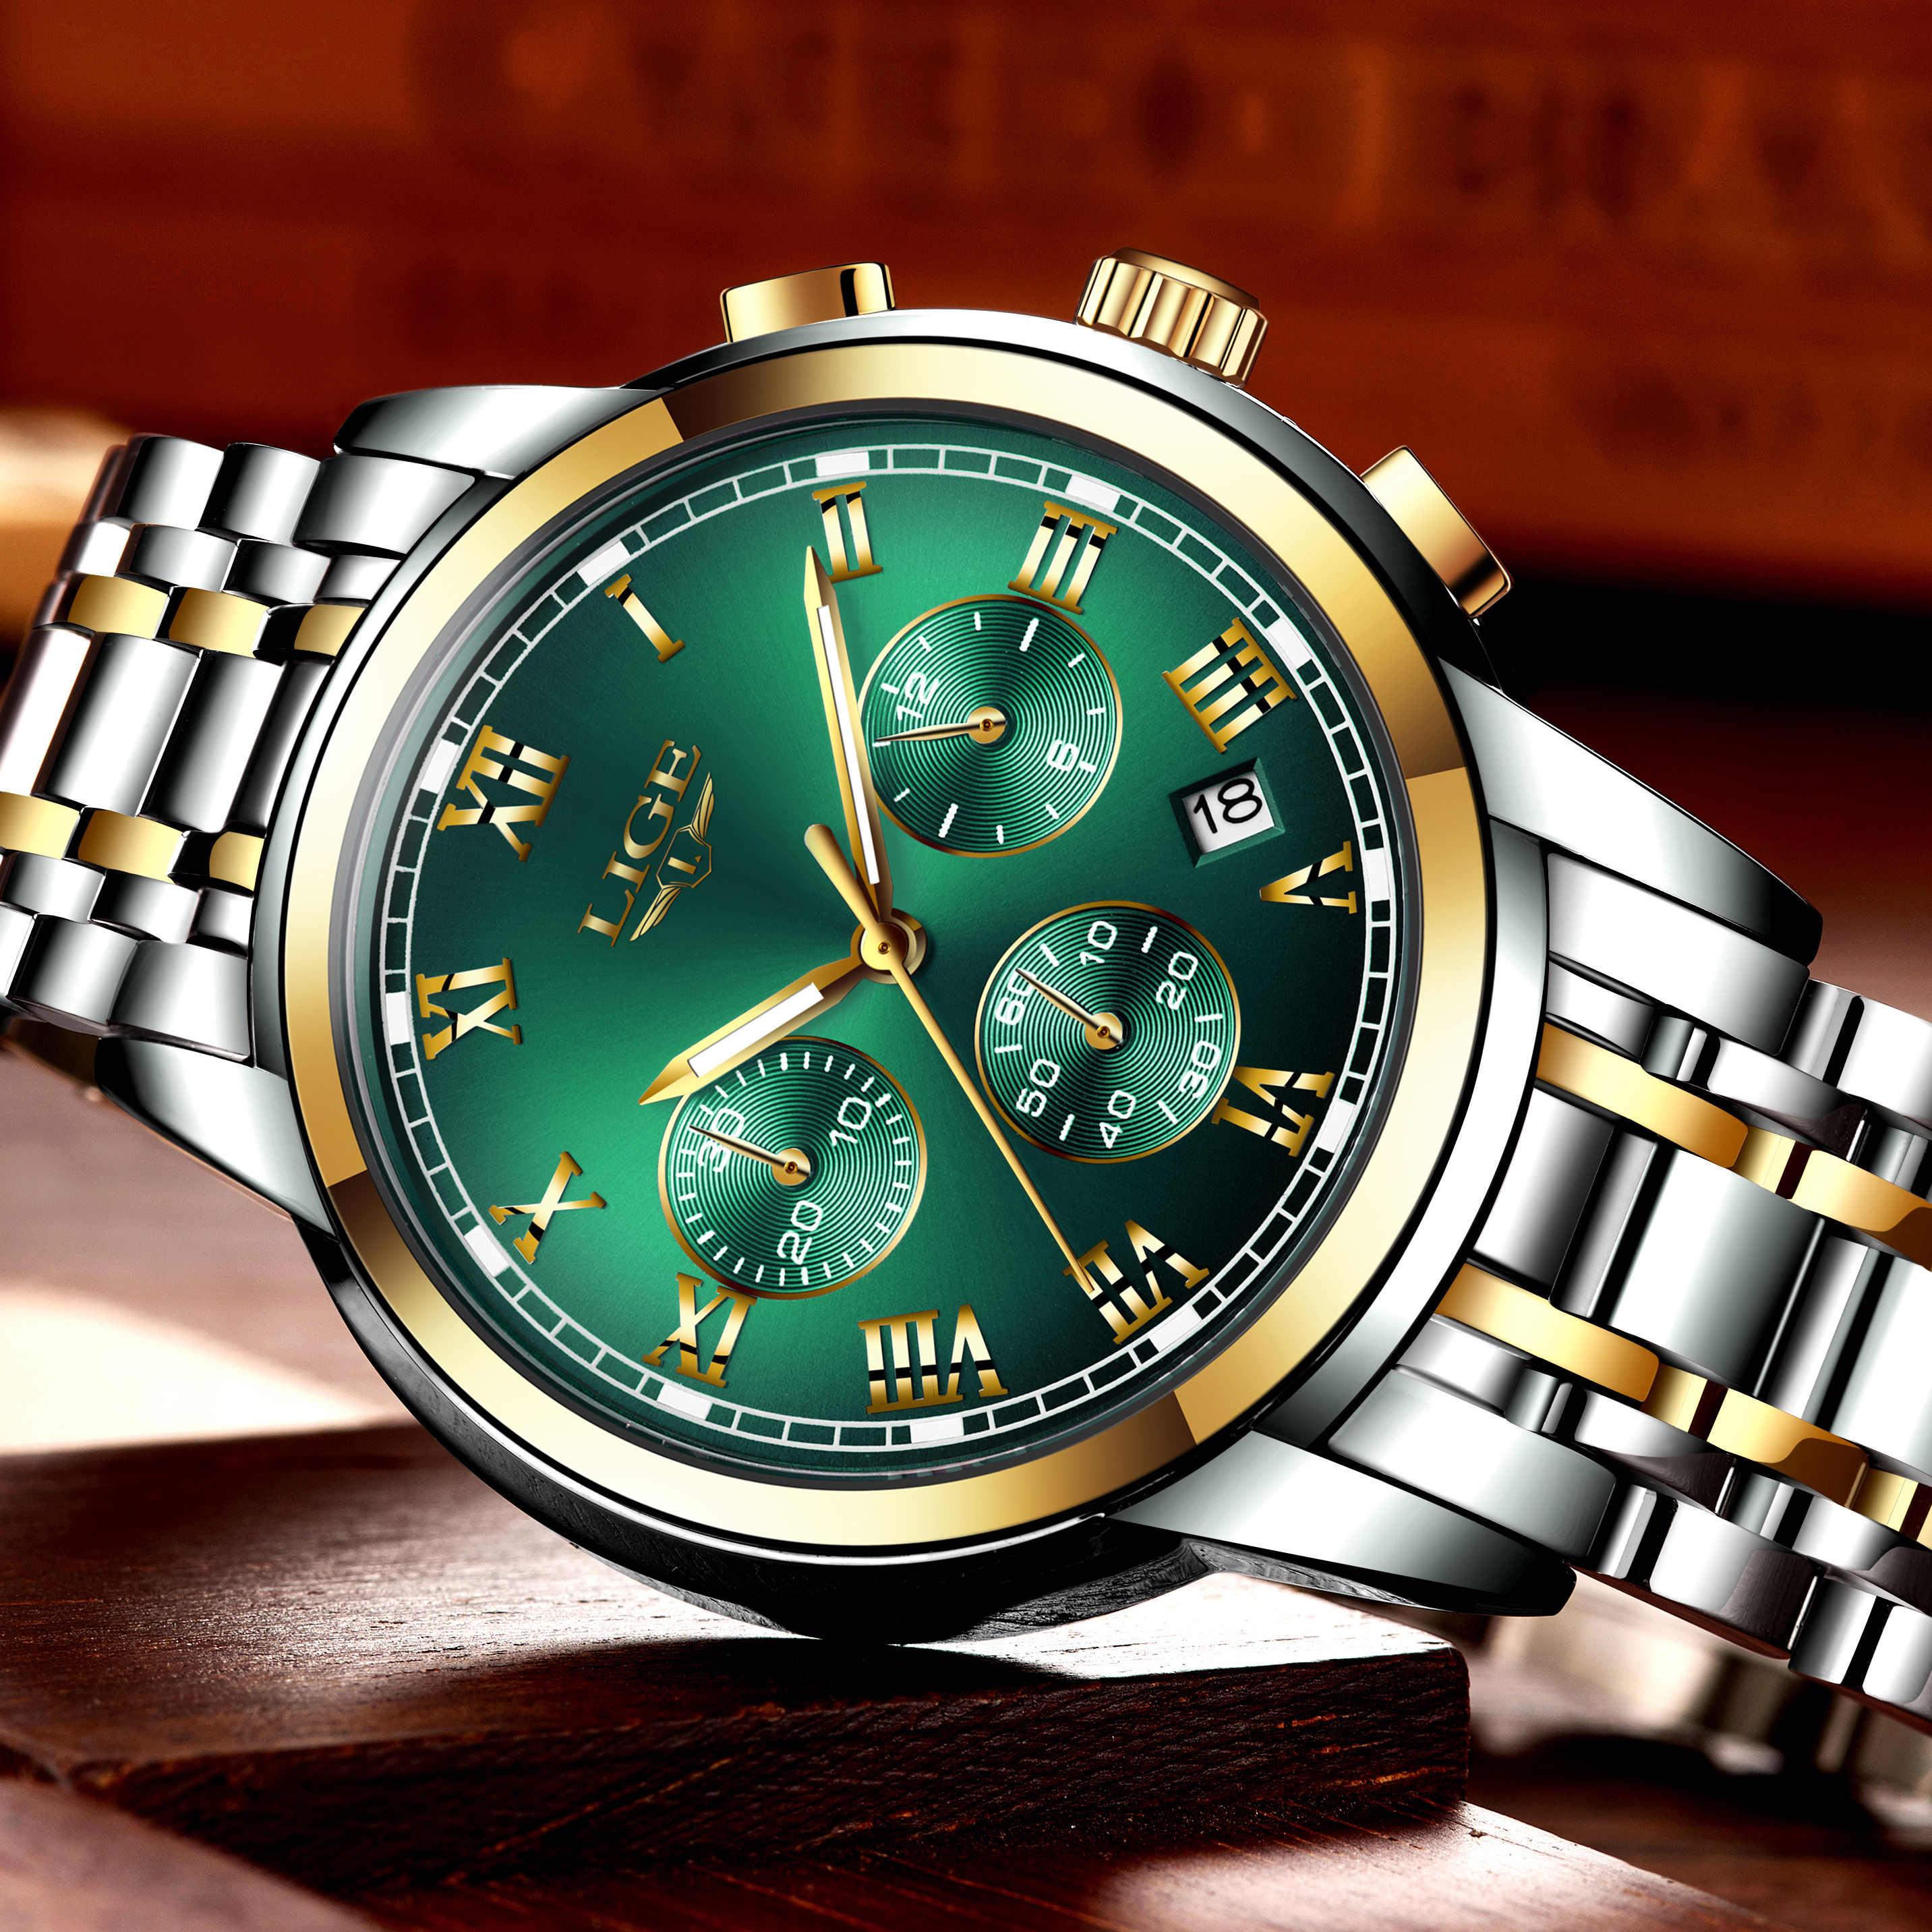 Relojes Hombre 2020 Ini Baru Merek Mewah Jam Tangan Pria Chronograph Pria Sport Jam Tangan Tahan Air Stainless Steel QUARTZ Pria Jam Tangan